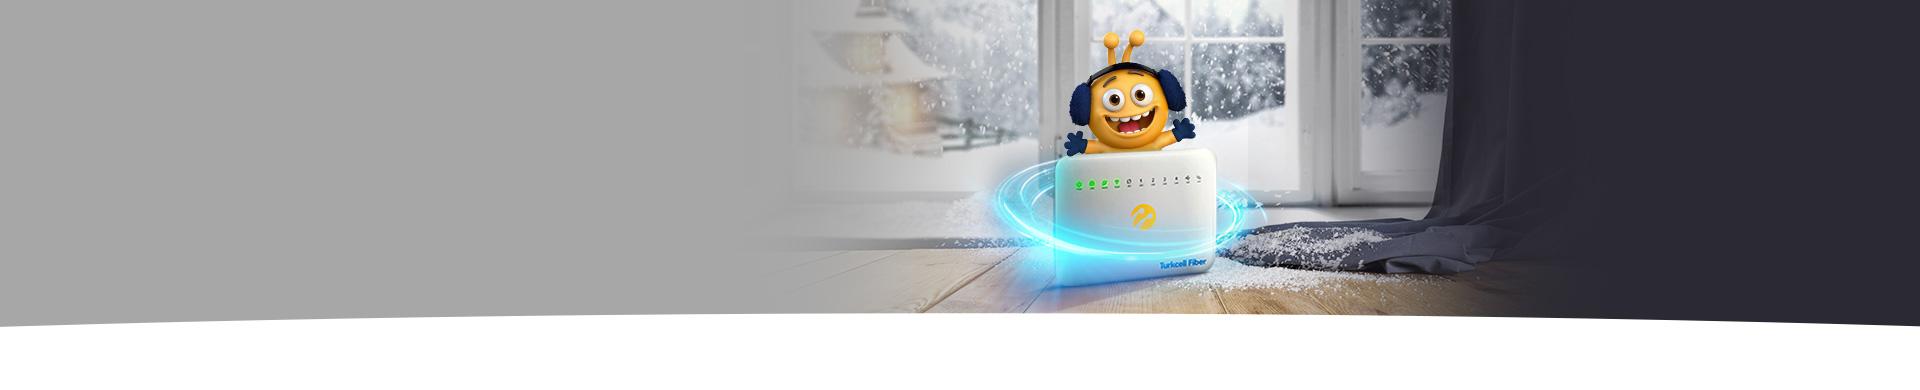 Adil Kullanım Kotası Yok Yeni yılda eviniz internetle dolsun diye adil kullanım kotası yok!